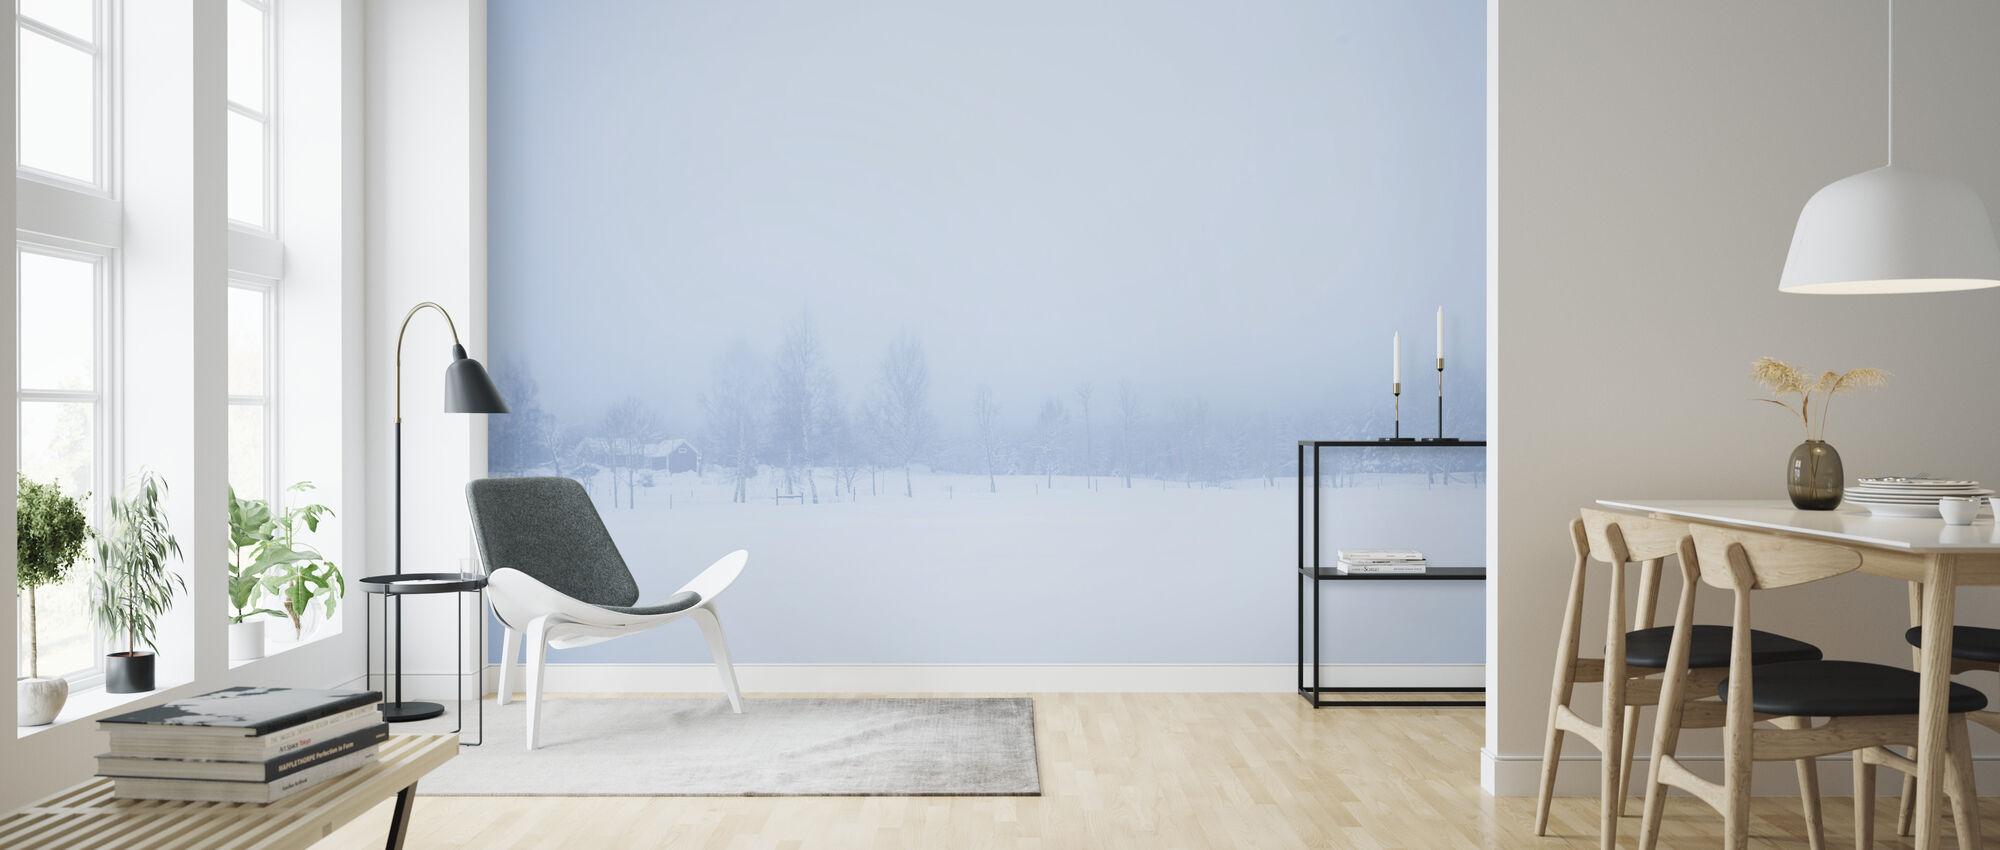 Filipshyttan covered in Fog, Sweden, Europe - Wallpaper - Living Room